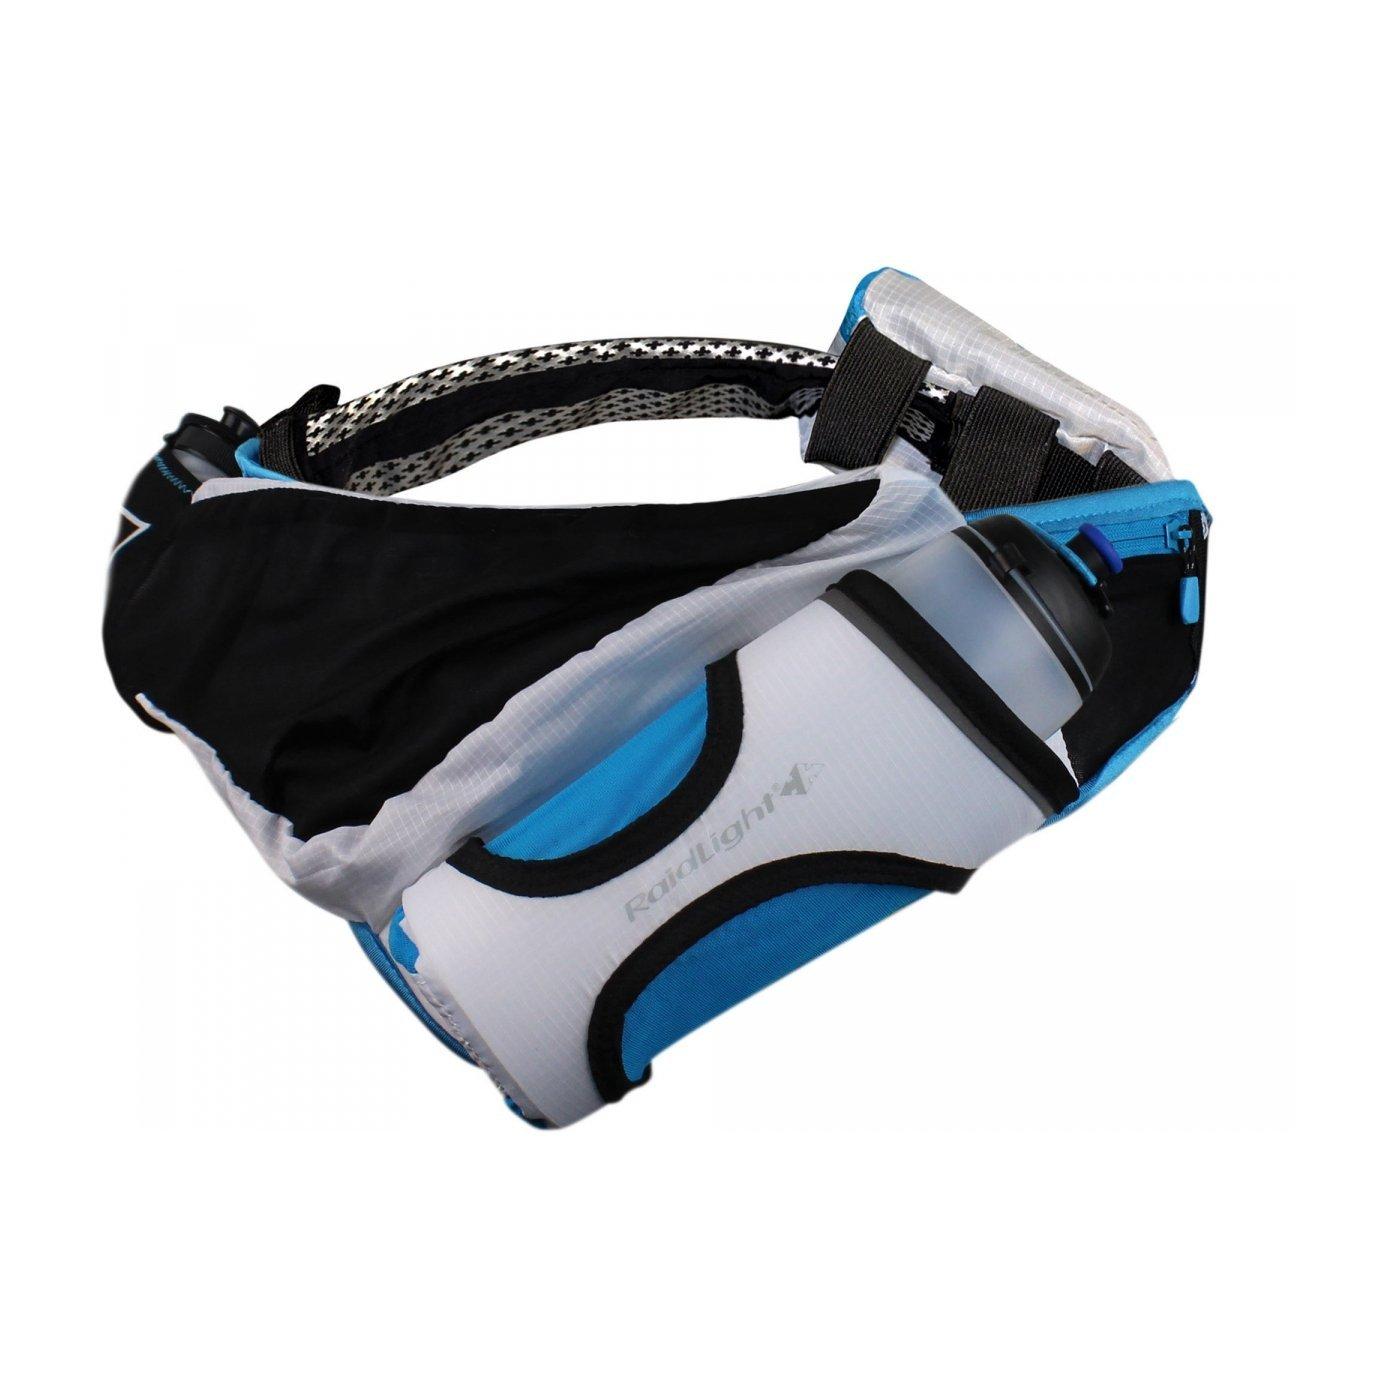 RaidLight Tür Kanister 1000 45 ° weiß schwarz und blau Gürtel Running